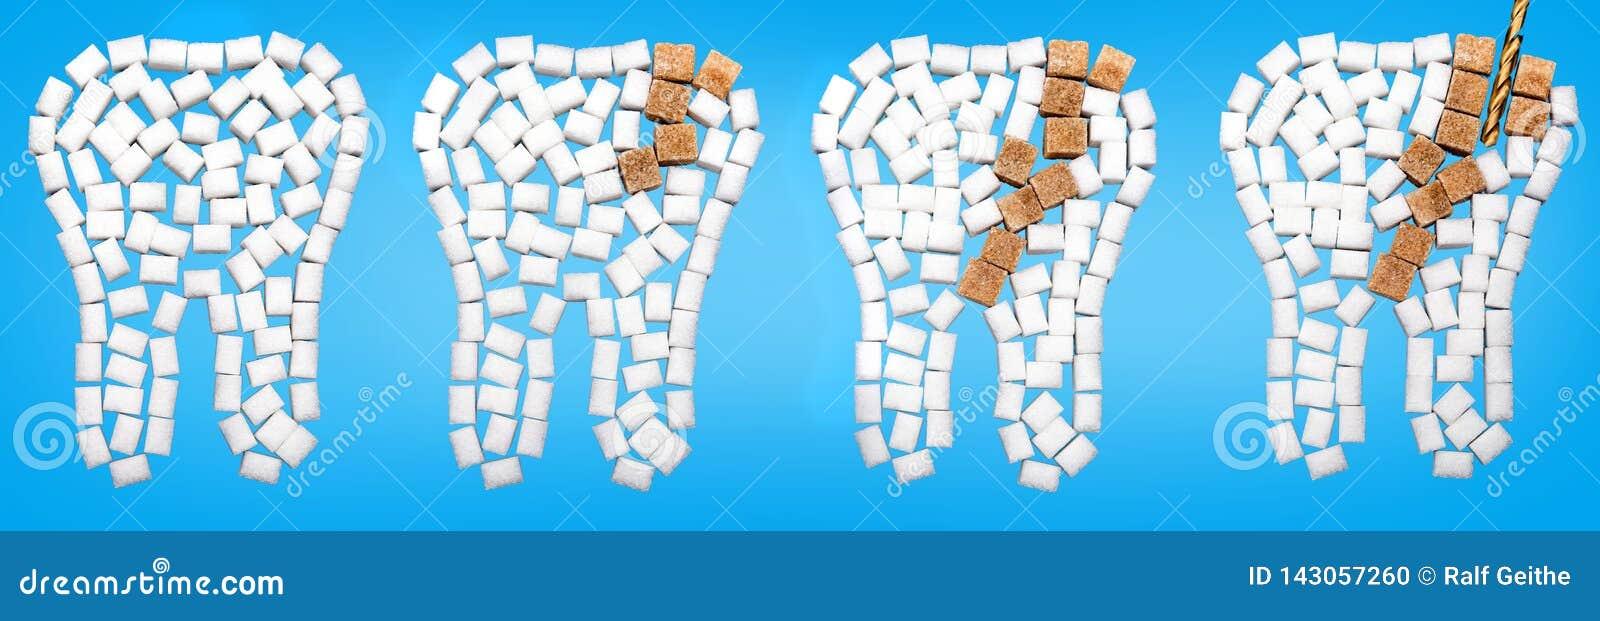 Dalla carie ha danneggiato i denti dallo zucchero contro un fondo blu